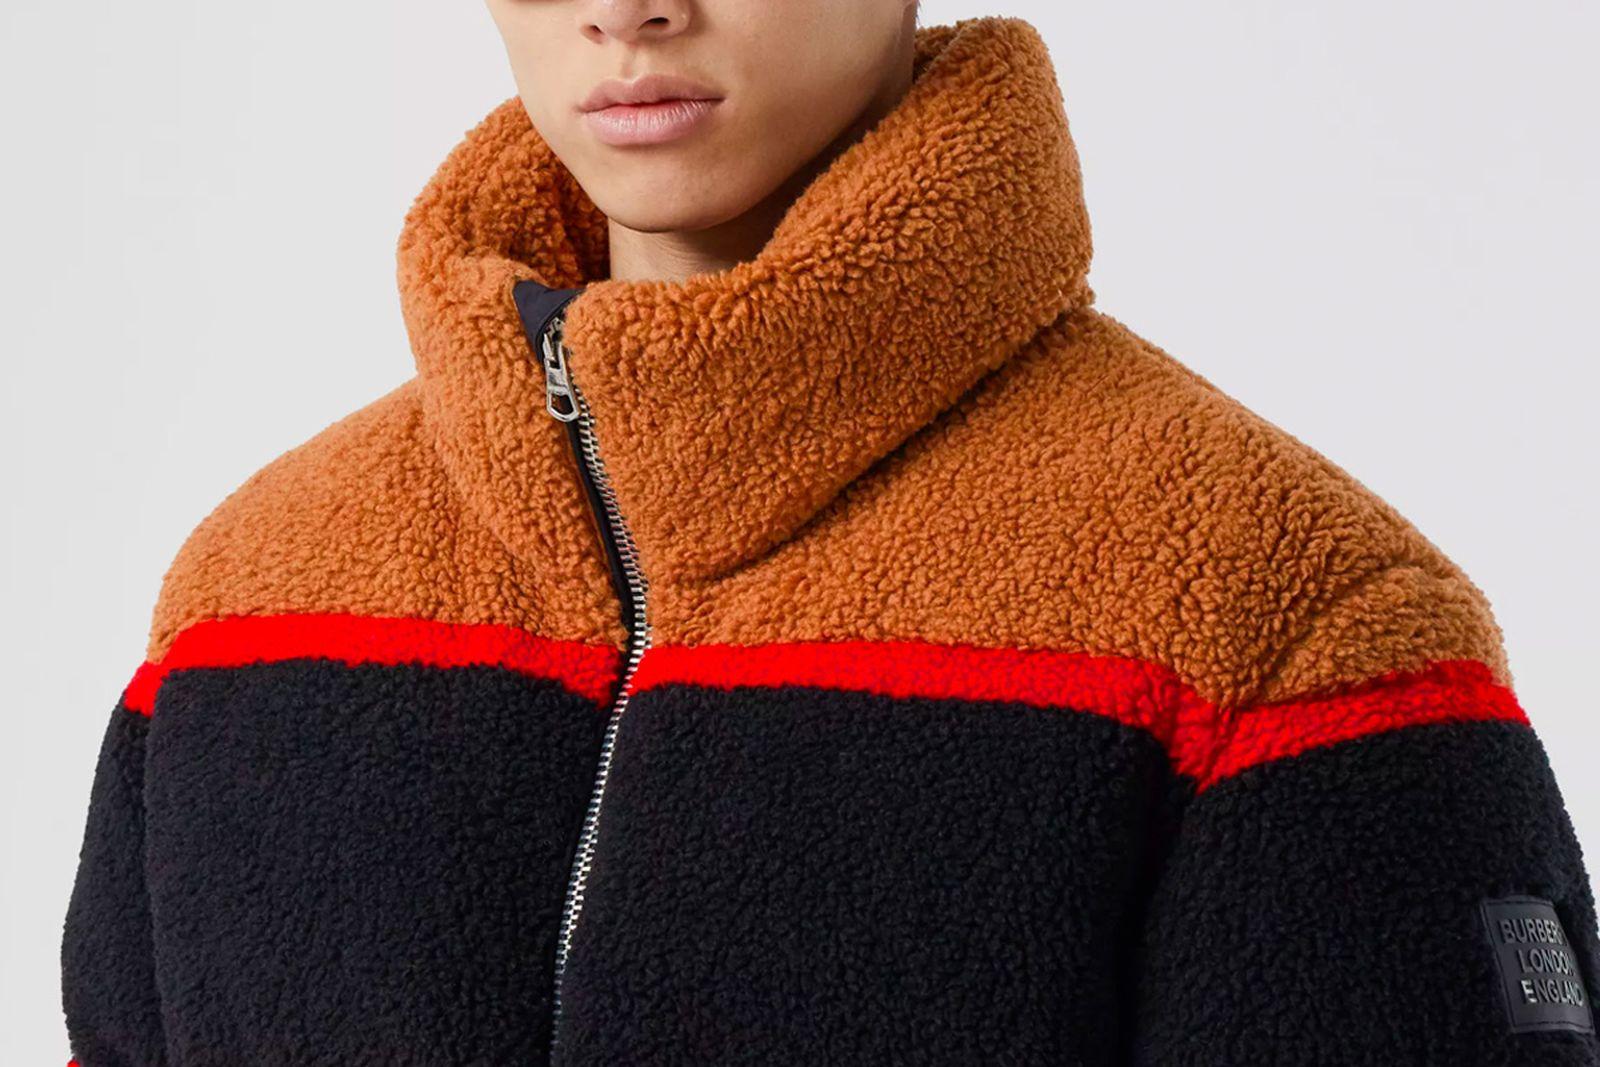 burberry coats and jackets main